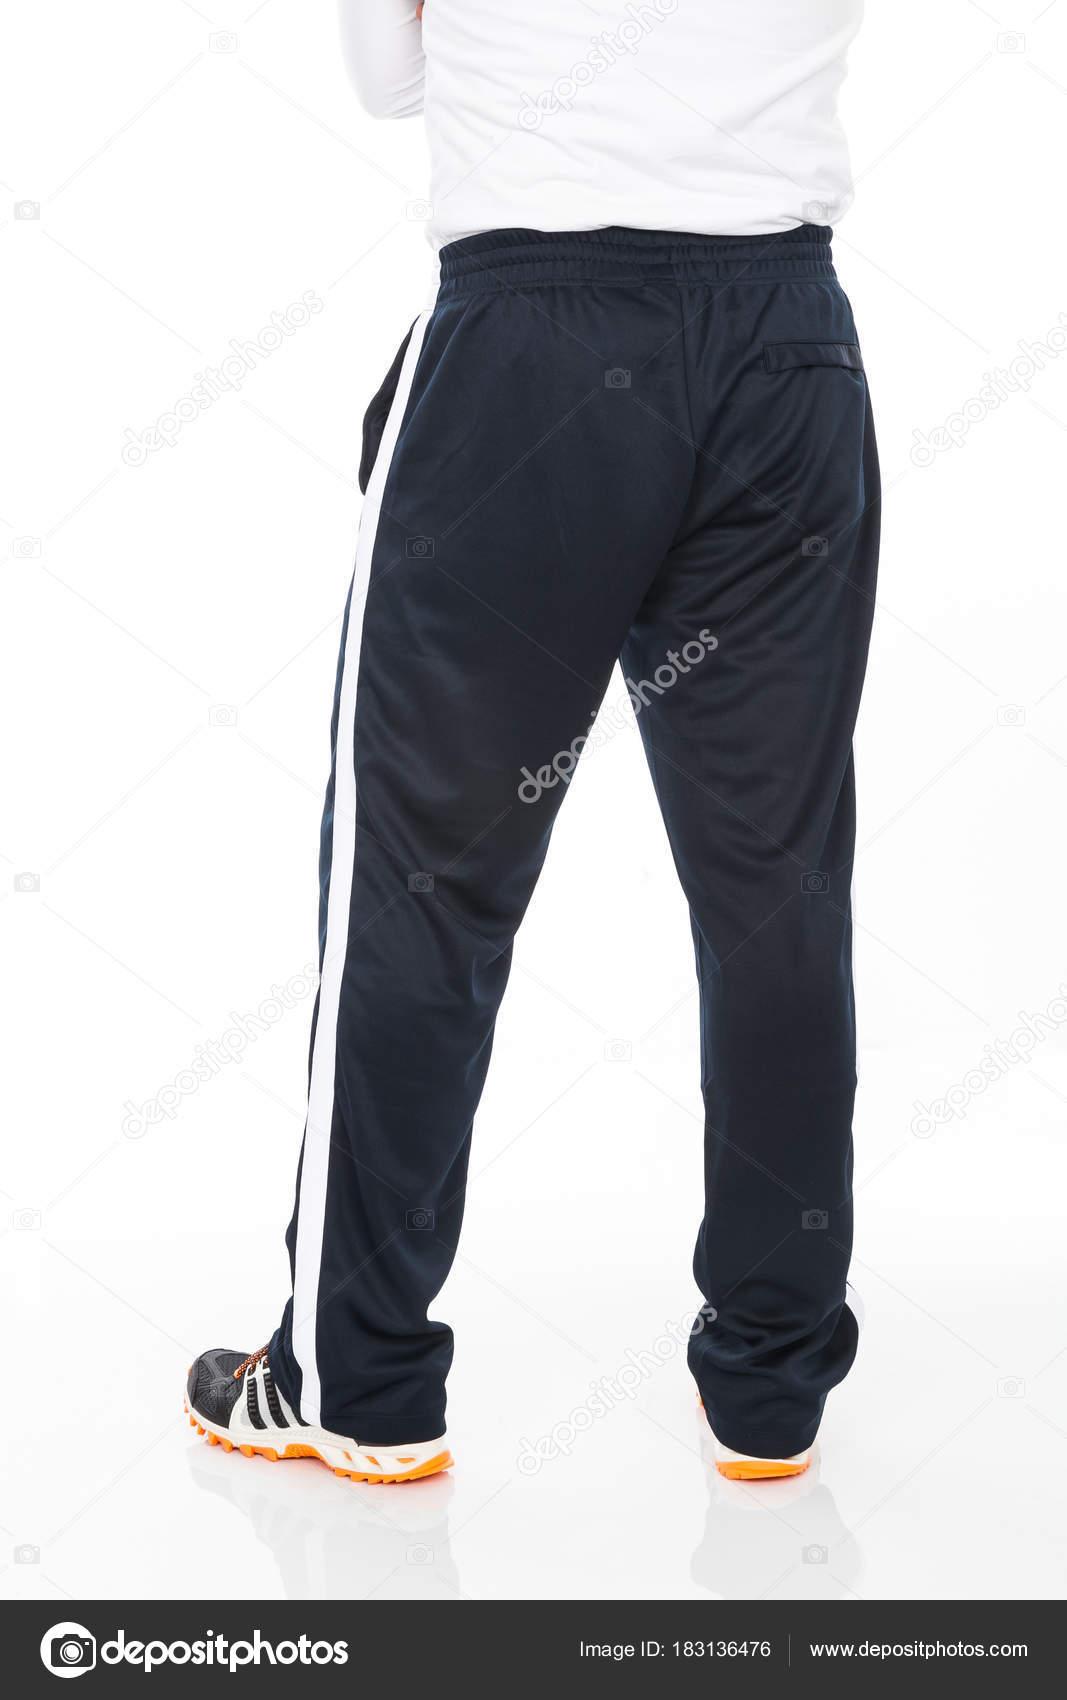 4eb94987b8a8 Μαύρο Σπορ Παντελόνι Λευκό Φόντο Ρούχα Αθλητισμός — Φωτογραφία Αρχείου